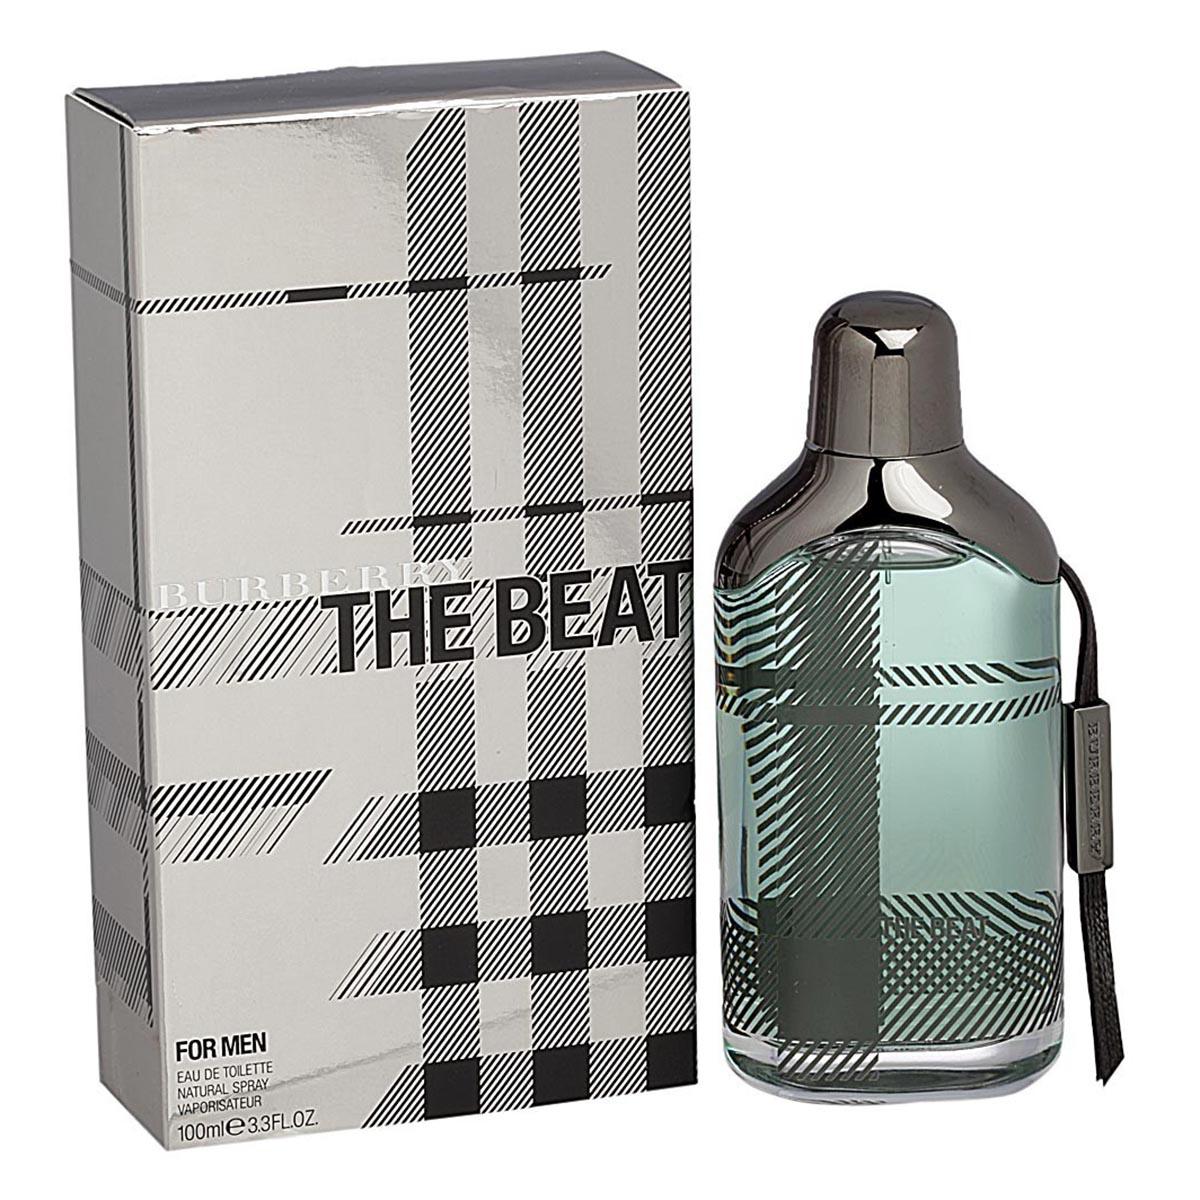 Burberry the beat eau de toilette for men 100ml vaporizador